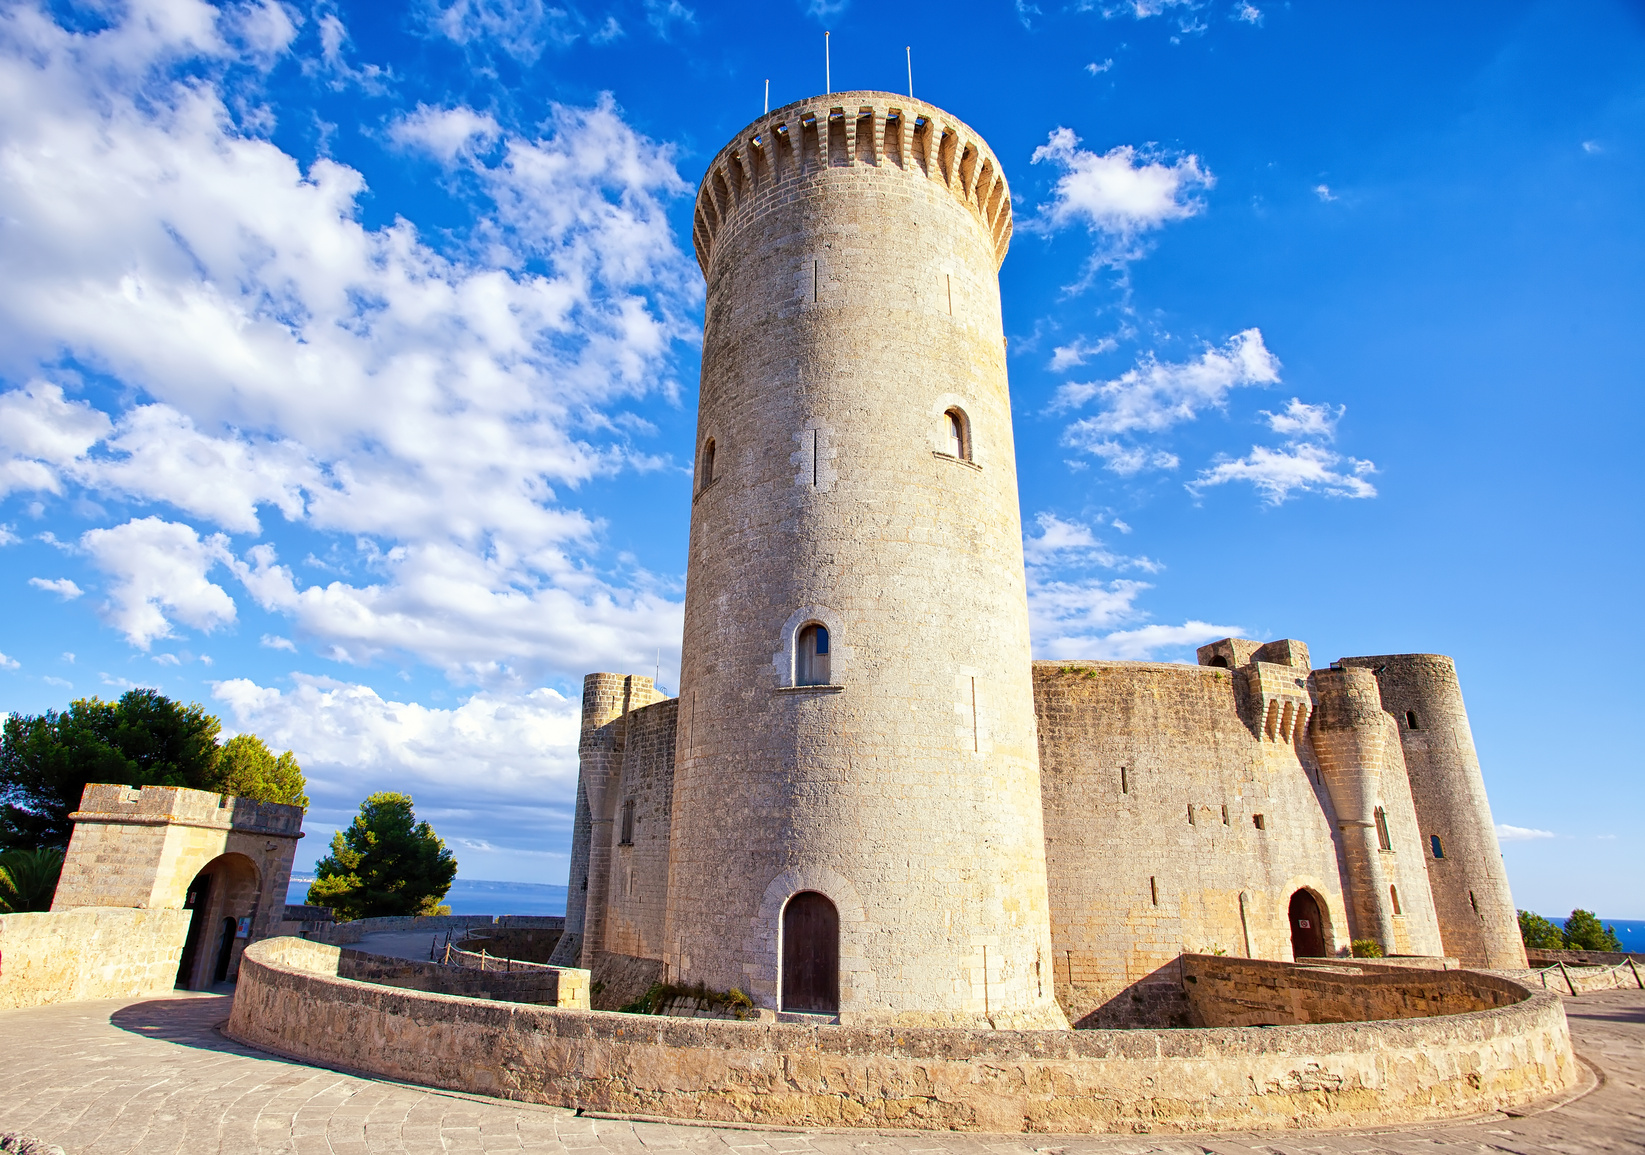 Viduramžių laikus menanti Bllver pilis